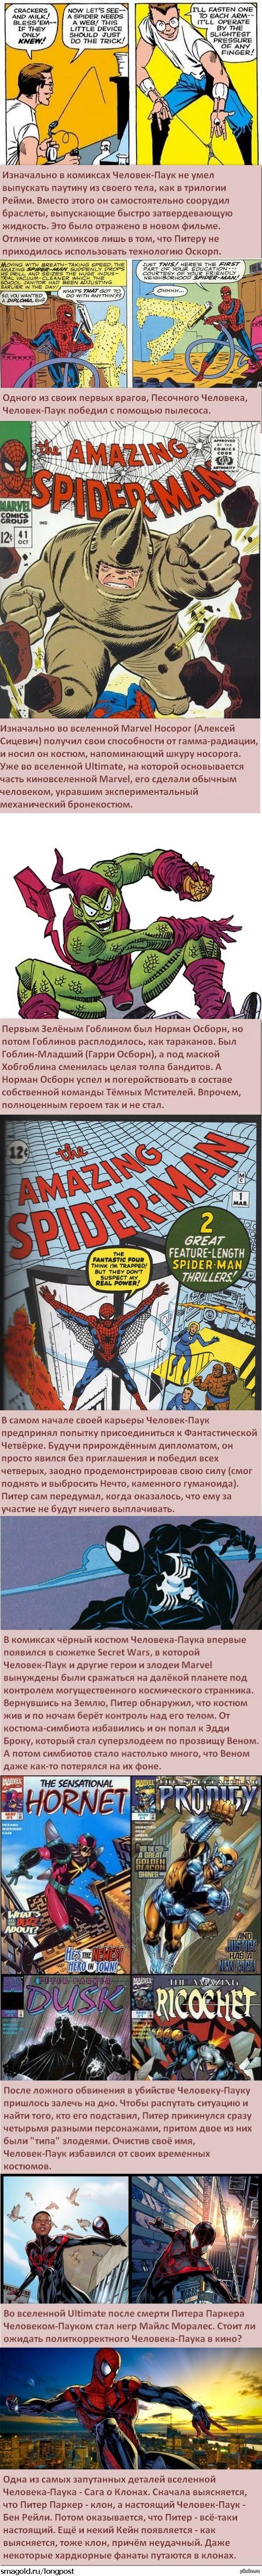 Факты о супергероях: Человек-Паук То, чего нет в фильмах. Следующий пост уже будет про Людей-Икс - про Паука я пока прочитал не так много, как о Кэпе или Халке.